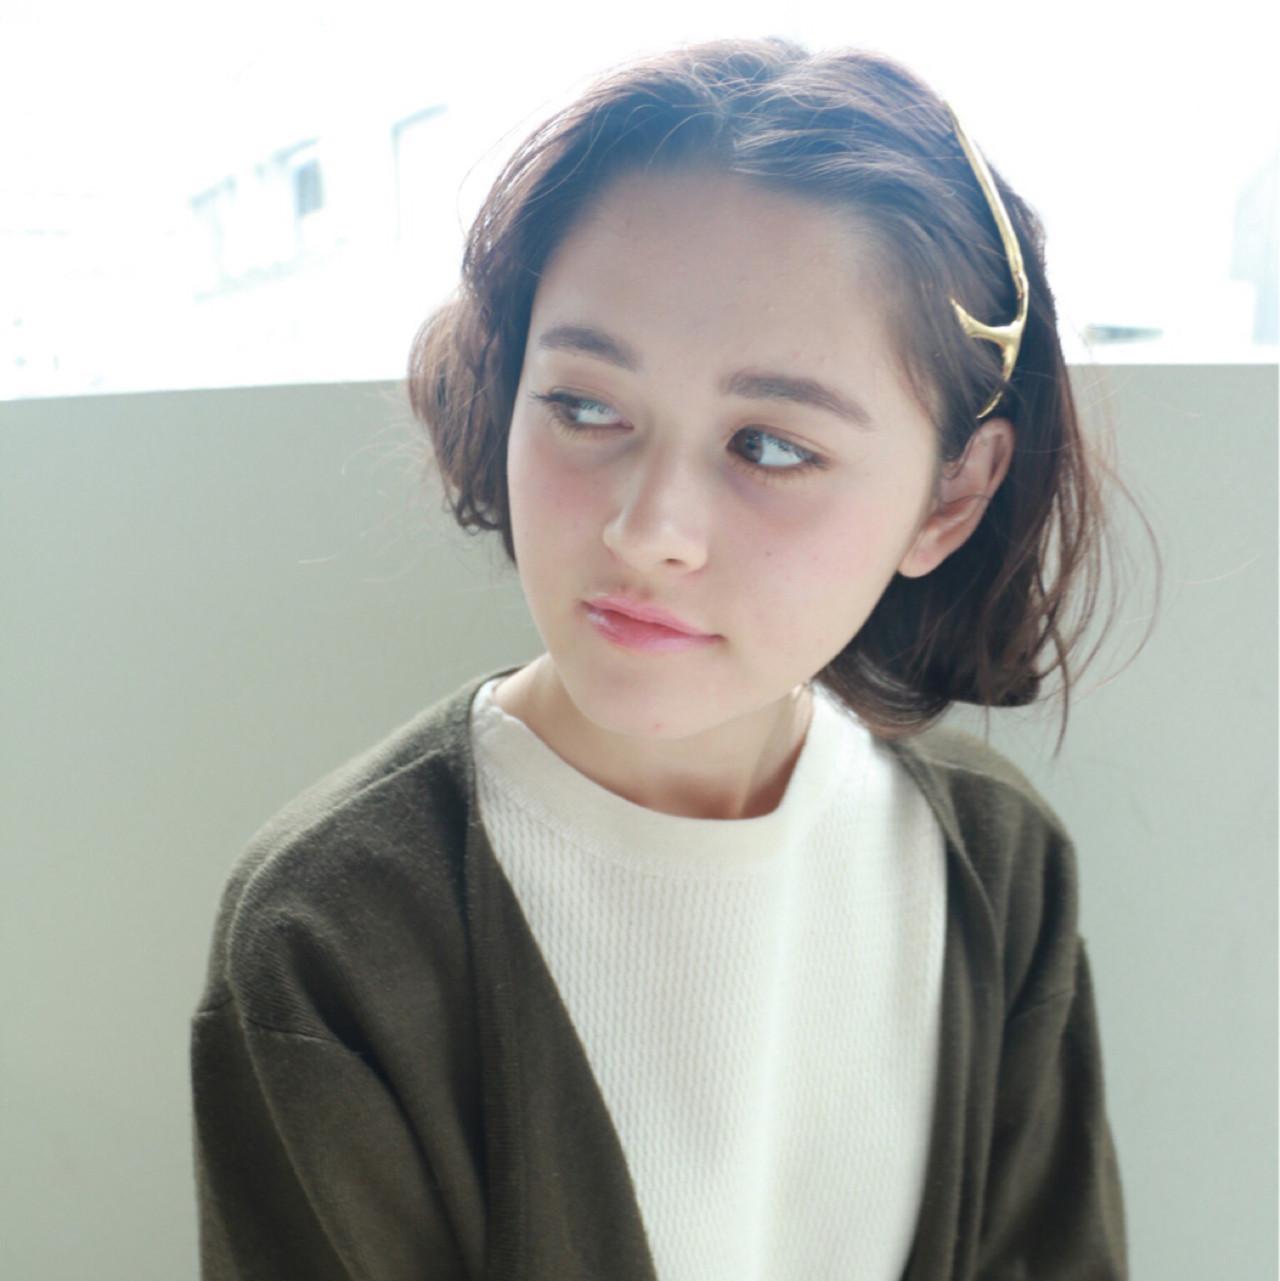 ヘアアレンジ 透明感 大人女子 暗髪 ヘアスタイルや髪型の写真・画像